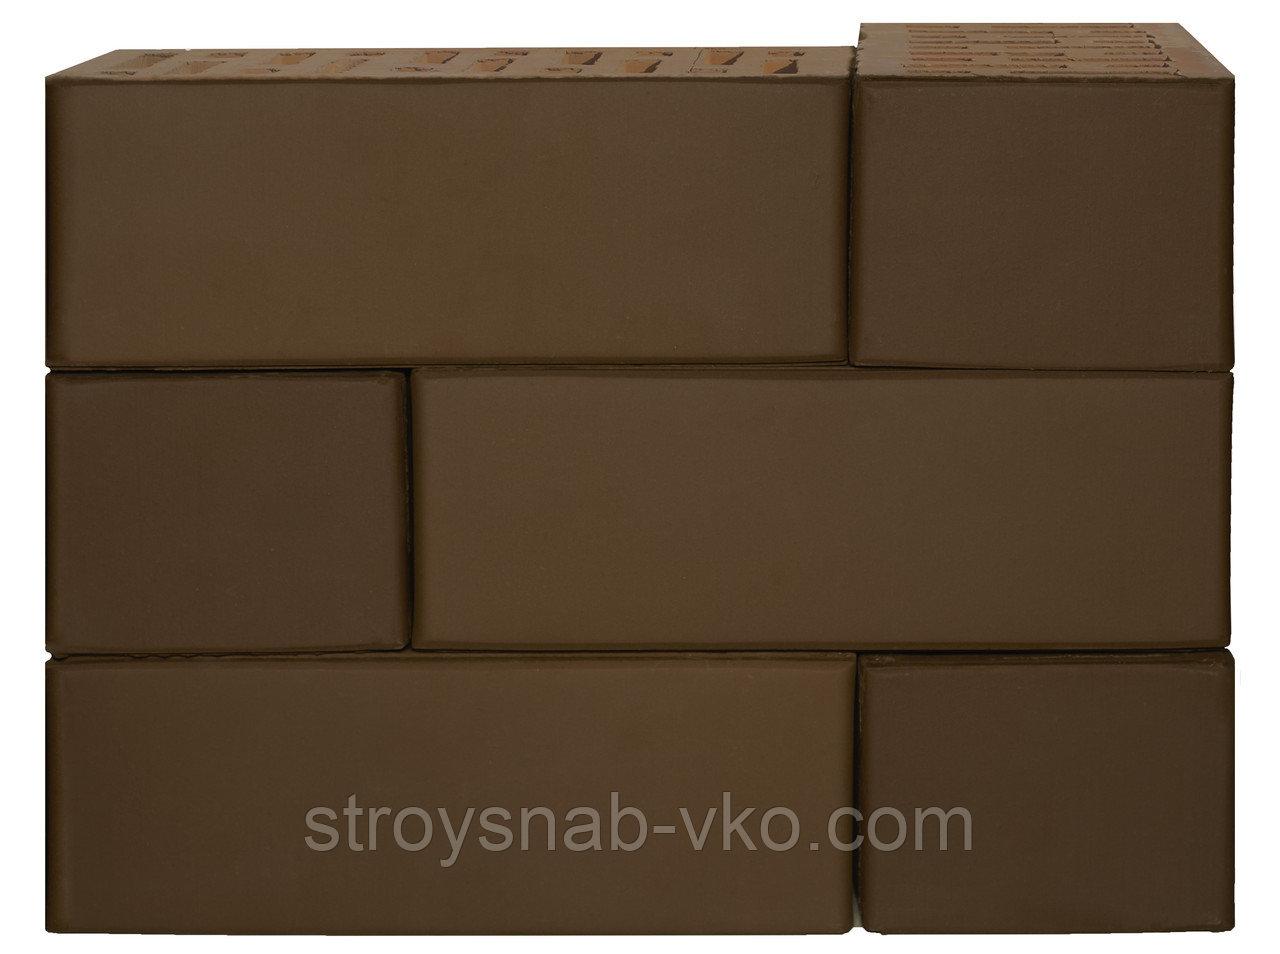 Кирпич облицовочный шоколад Ликолор